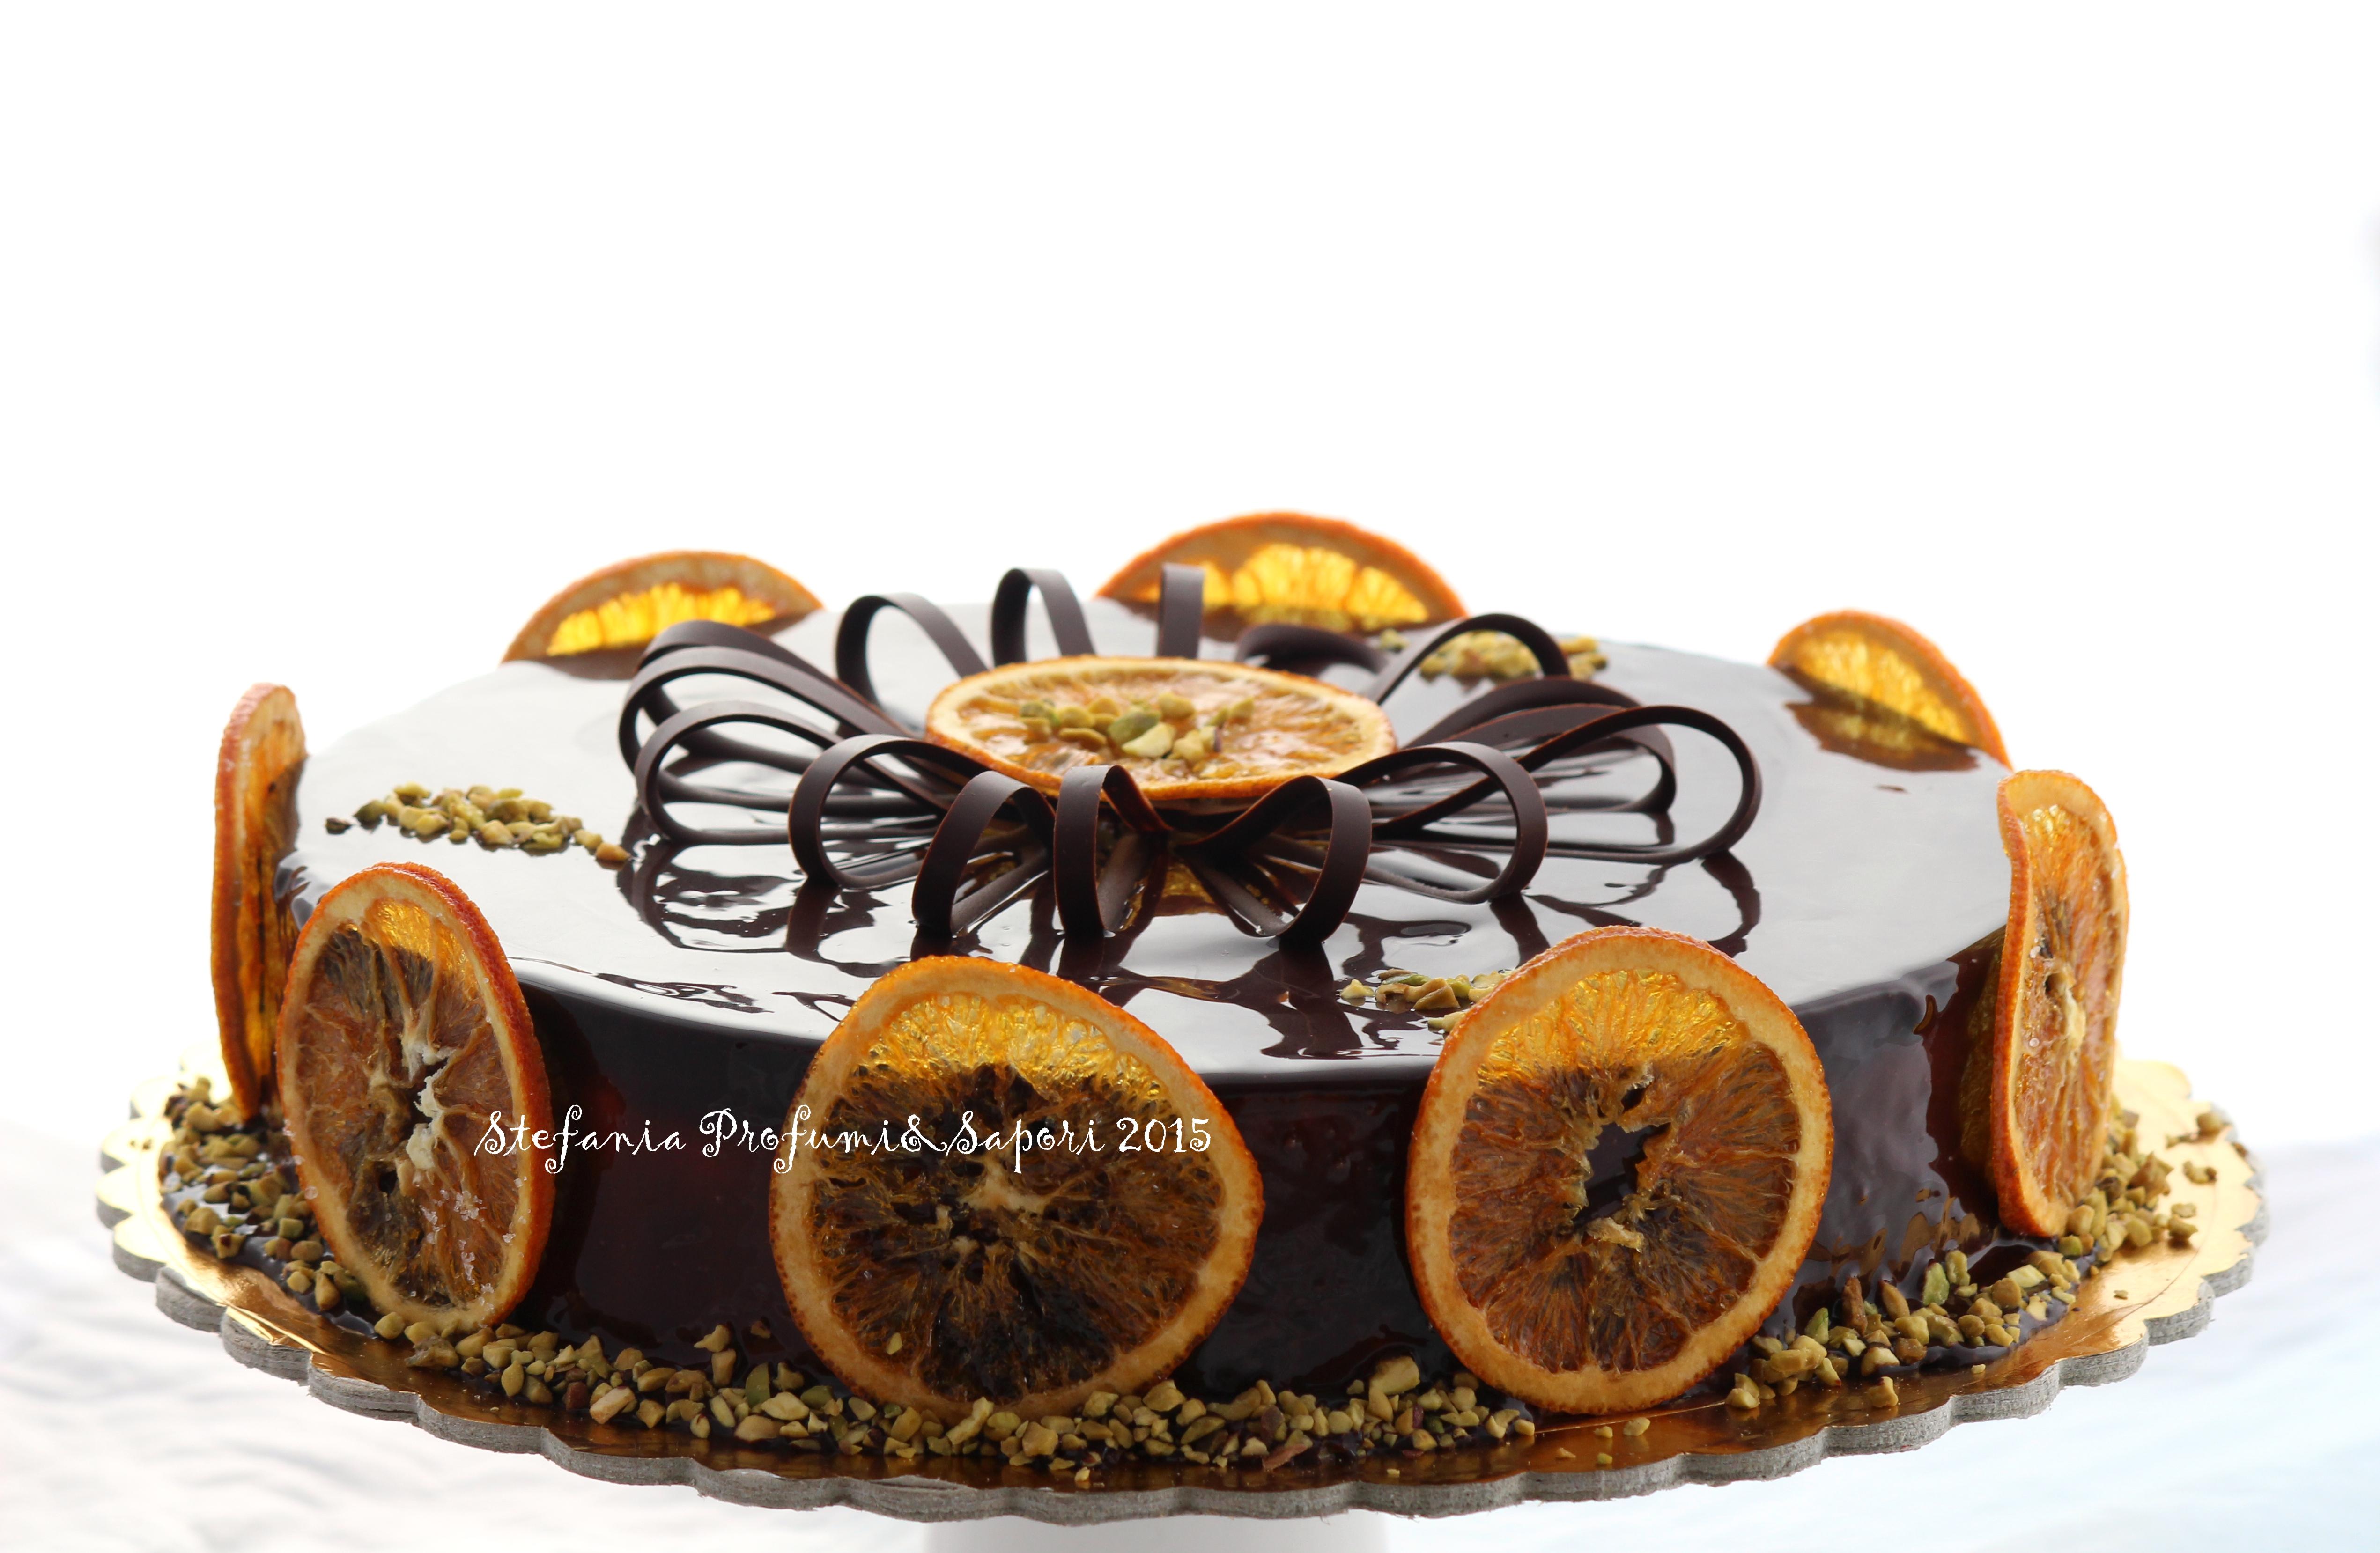 Tronchetto Di Natale Luca Montersino.Torta Chantilly Al Grand Marnier Pistacchio E Cioccolato Di Luca